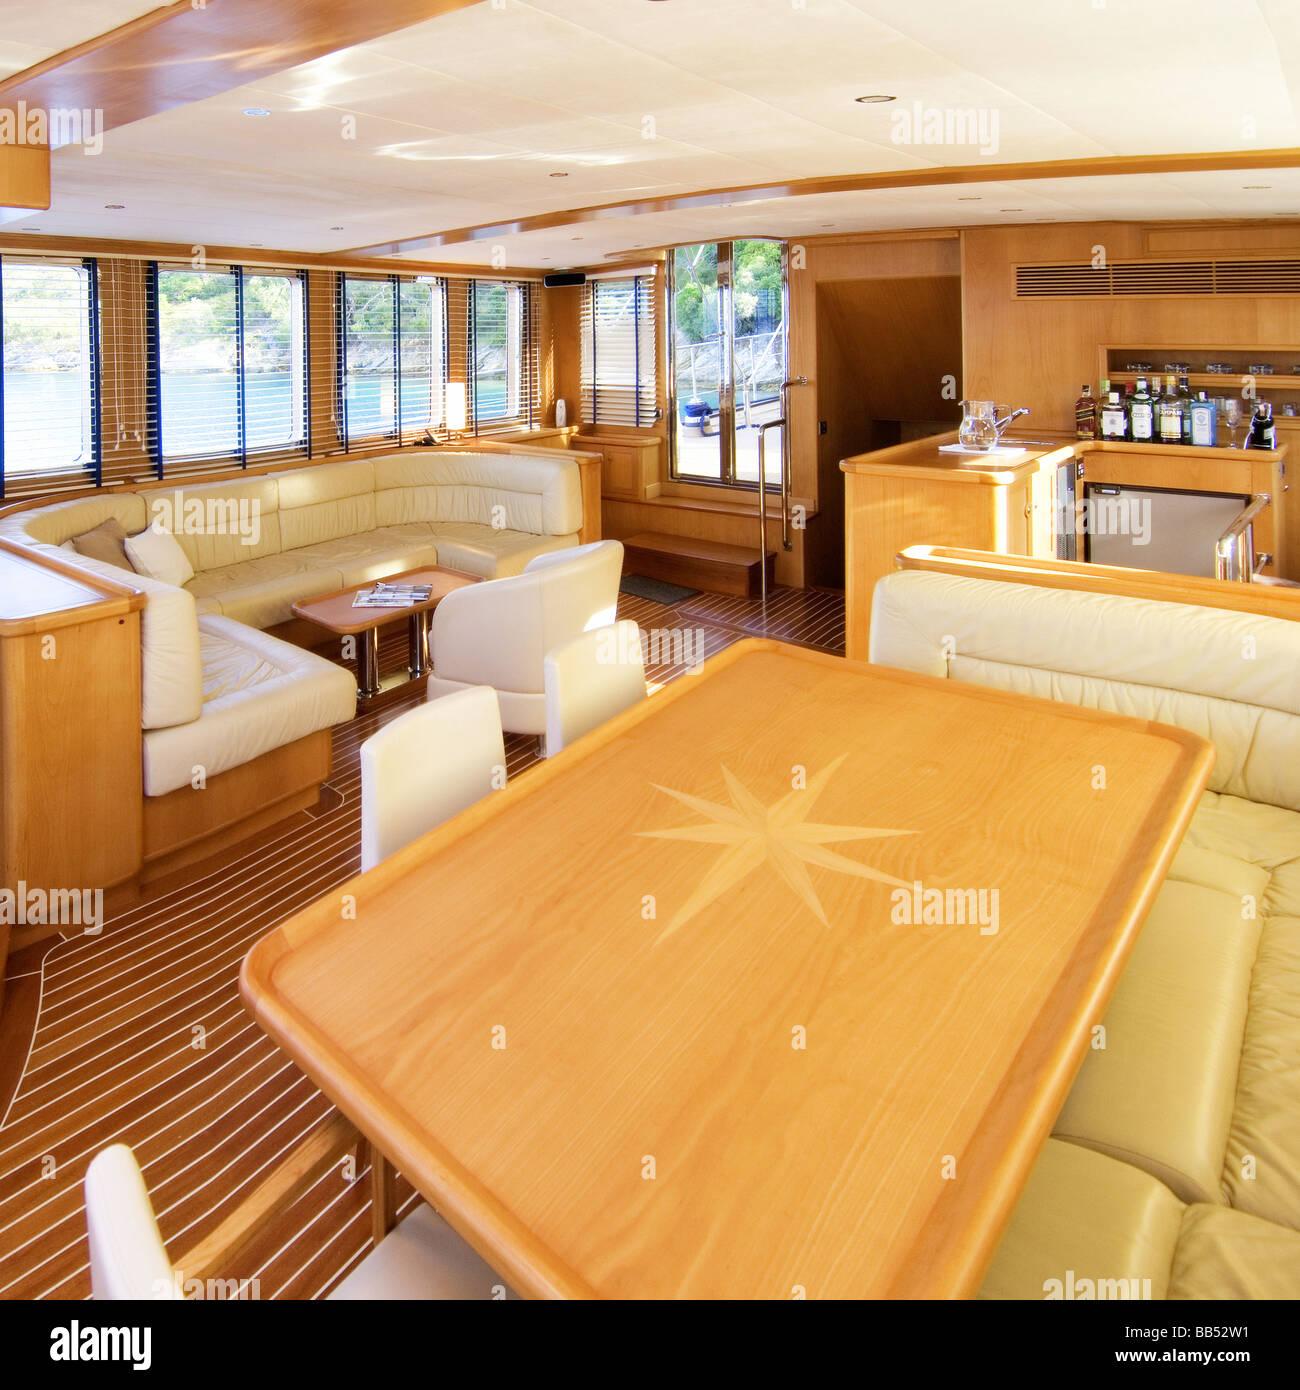 Visualizza altre idee su case di lusso, case moderne, case da sogno. Il Design Degli Interni Di Lusso Yacht A Motore Foto Stock Alamy